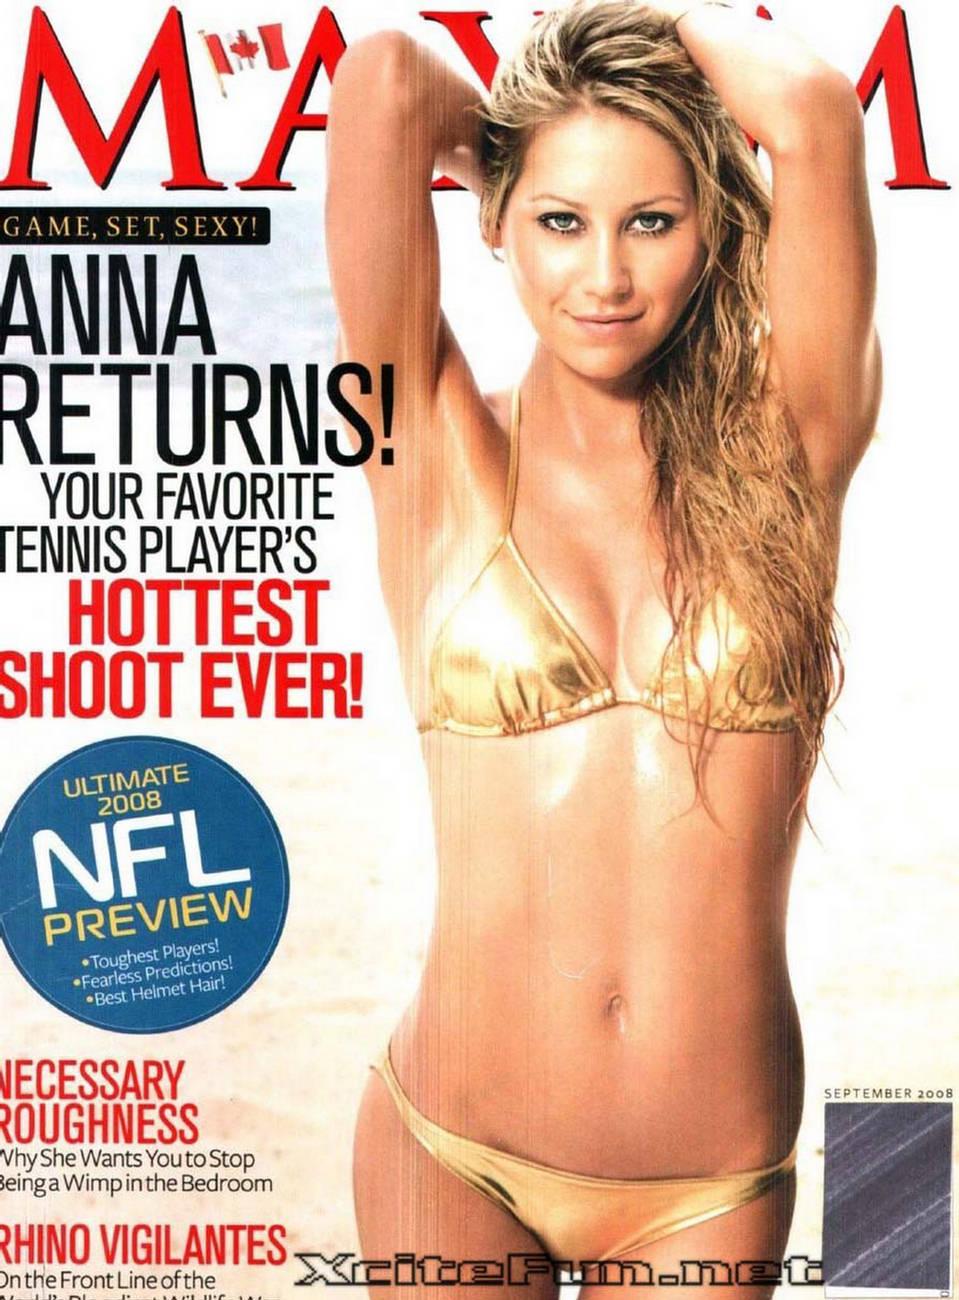 Anna Kournikova Return On Maxim Sep 2008 Game Set Sexy